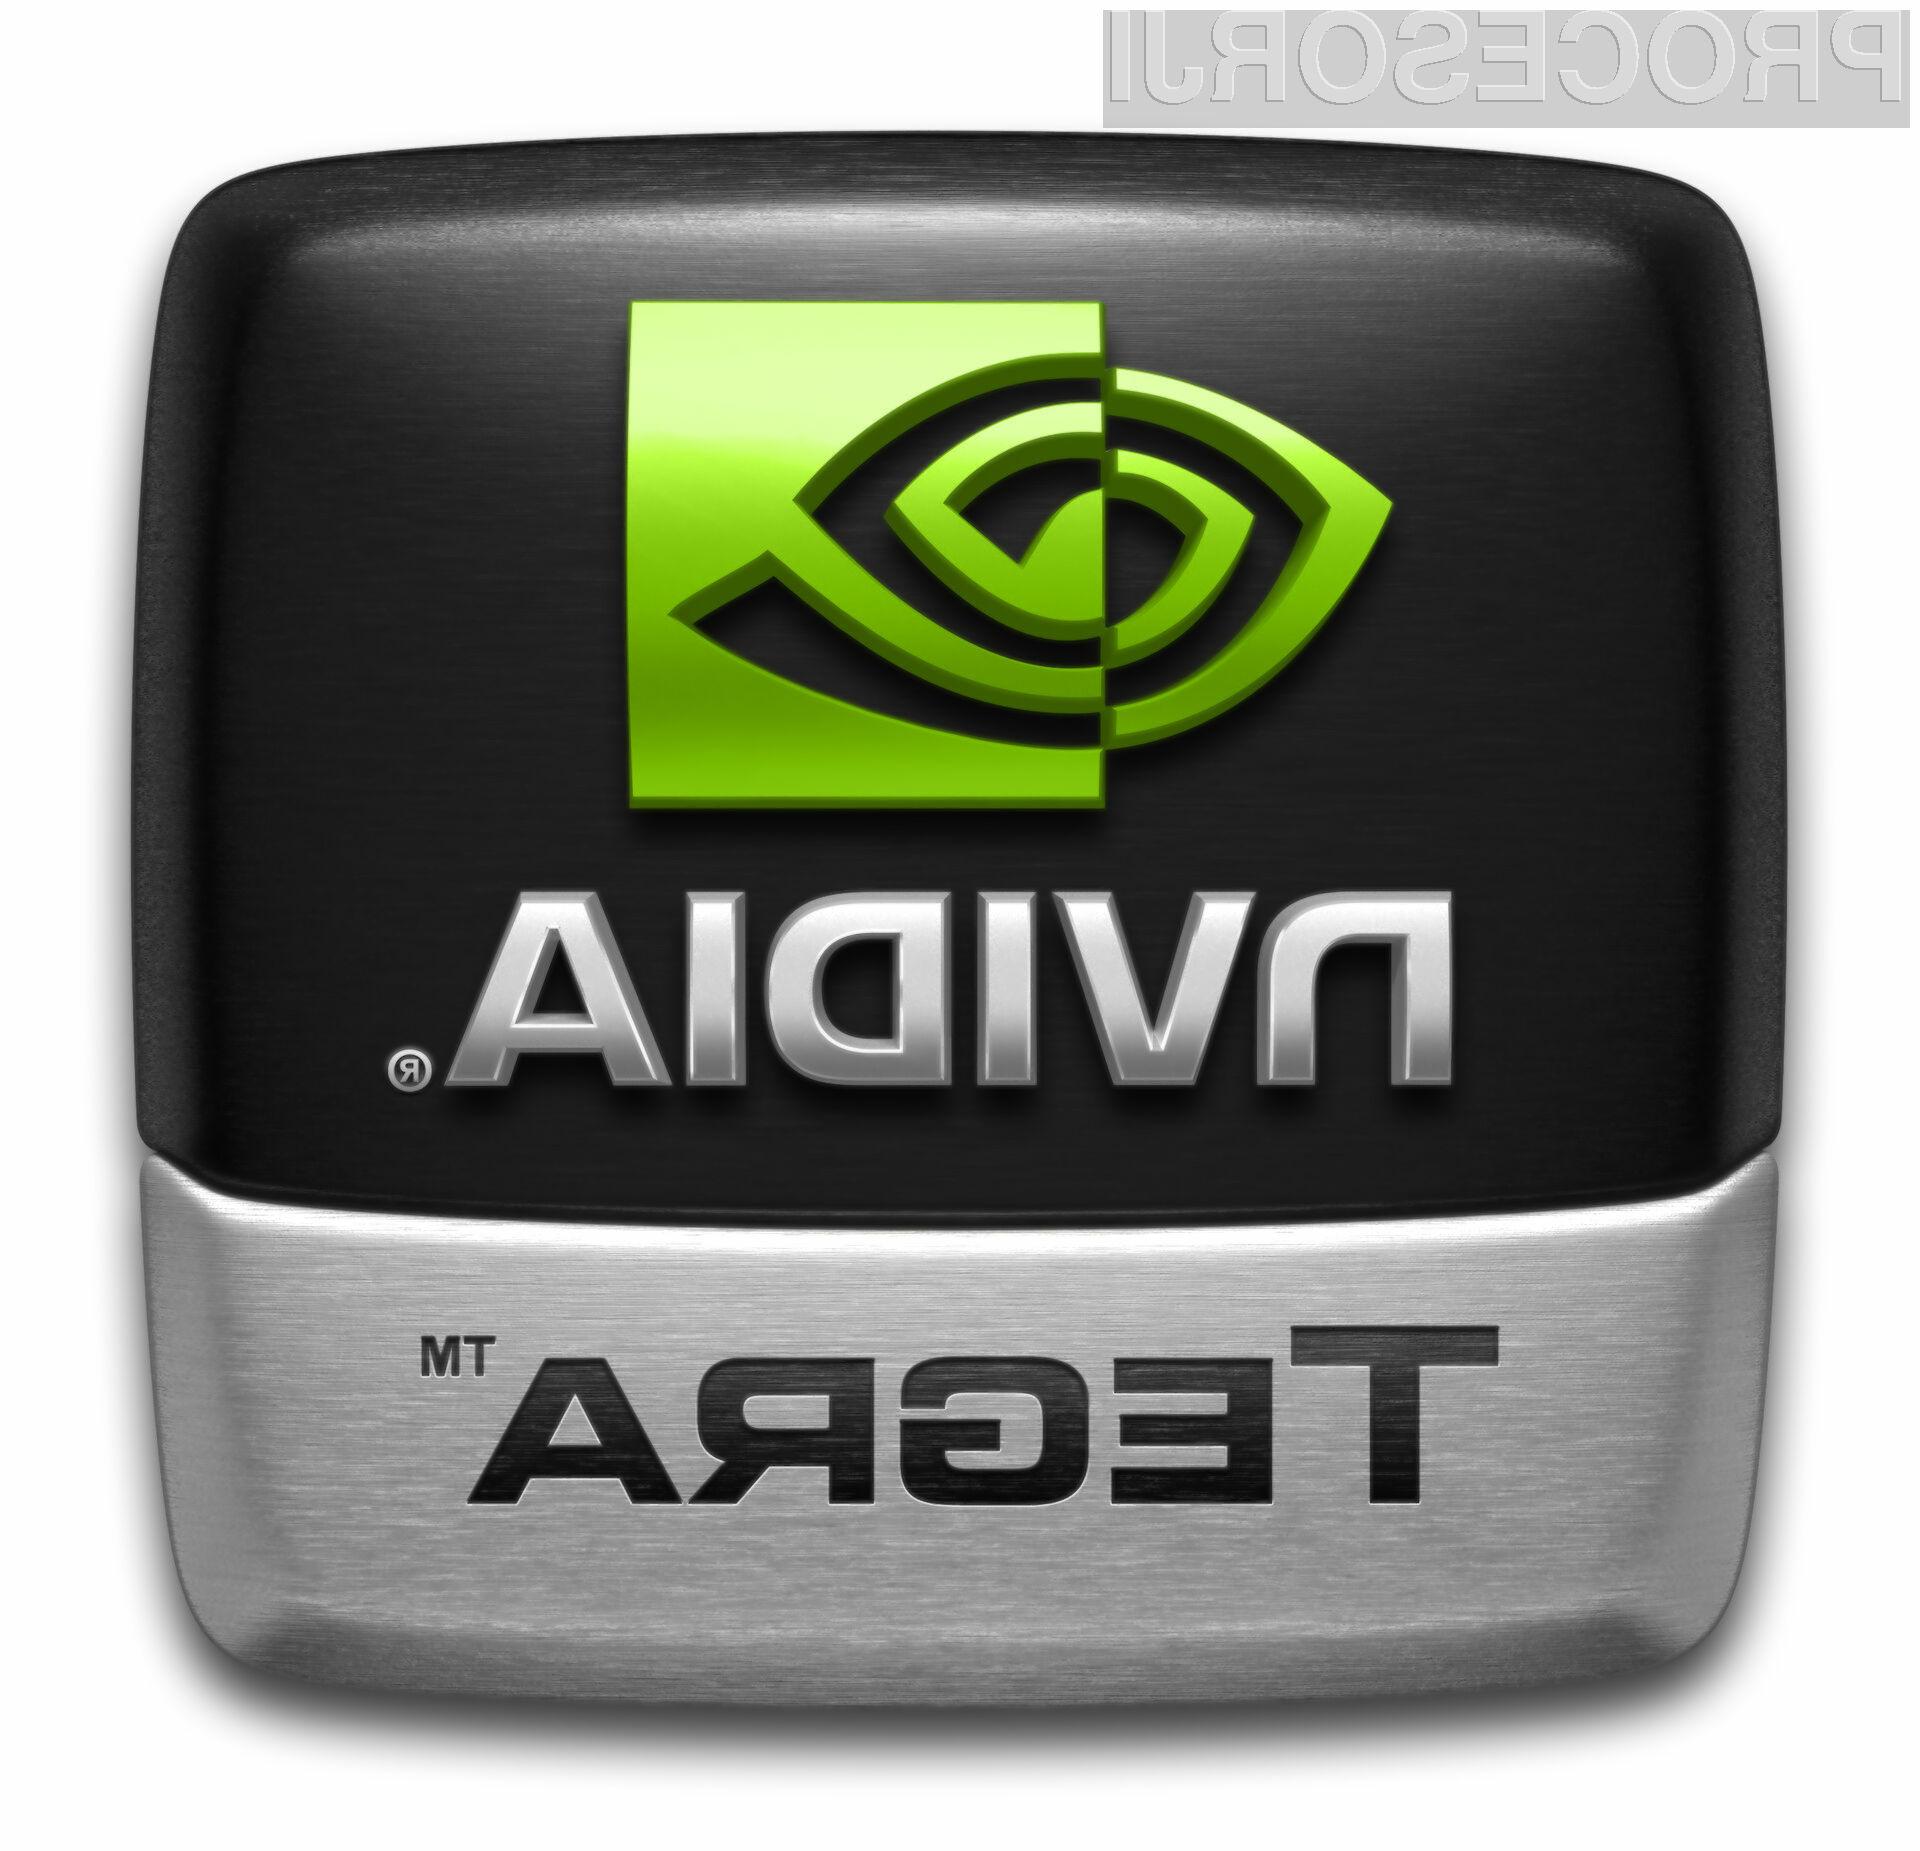 Četrta različica Tegre bi naj bila na voljo v času izdaje novih Windows 8.